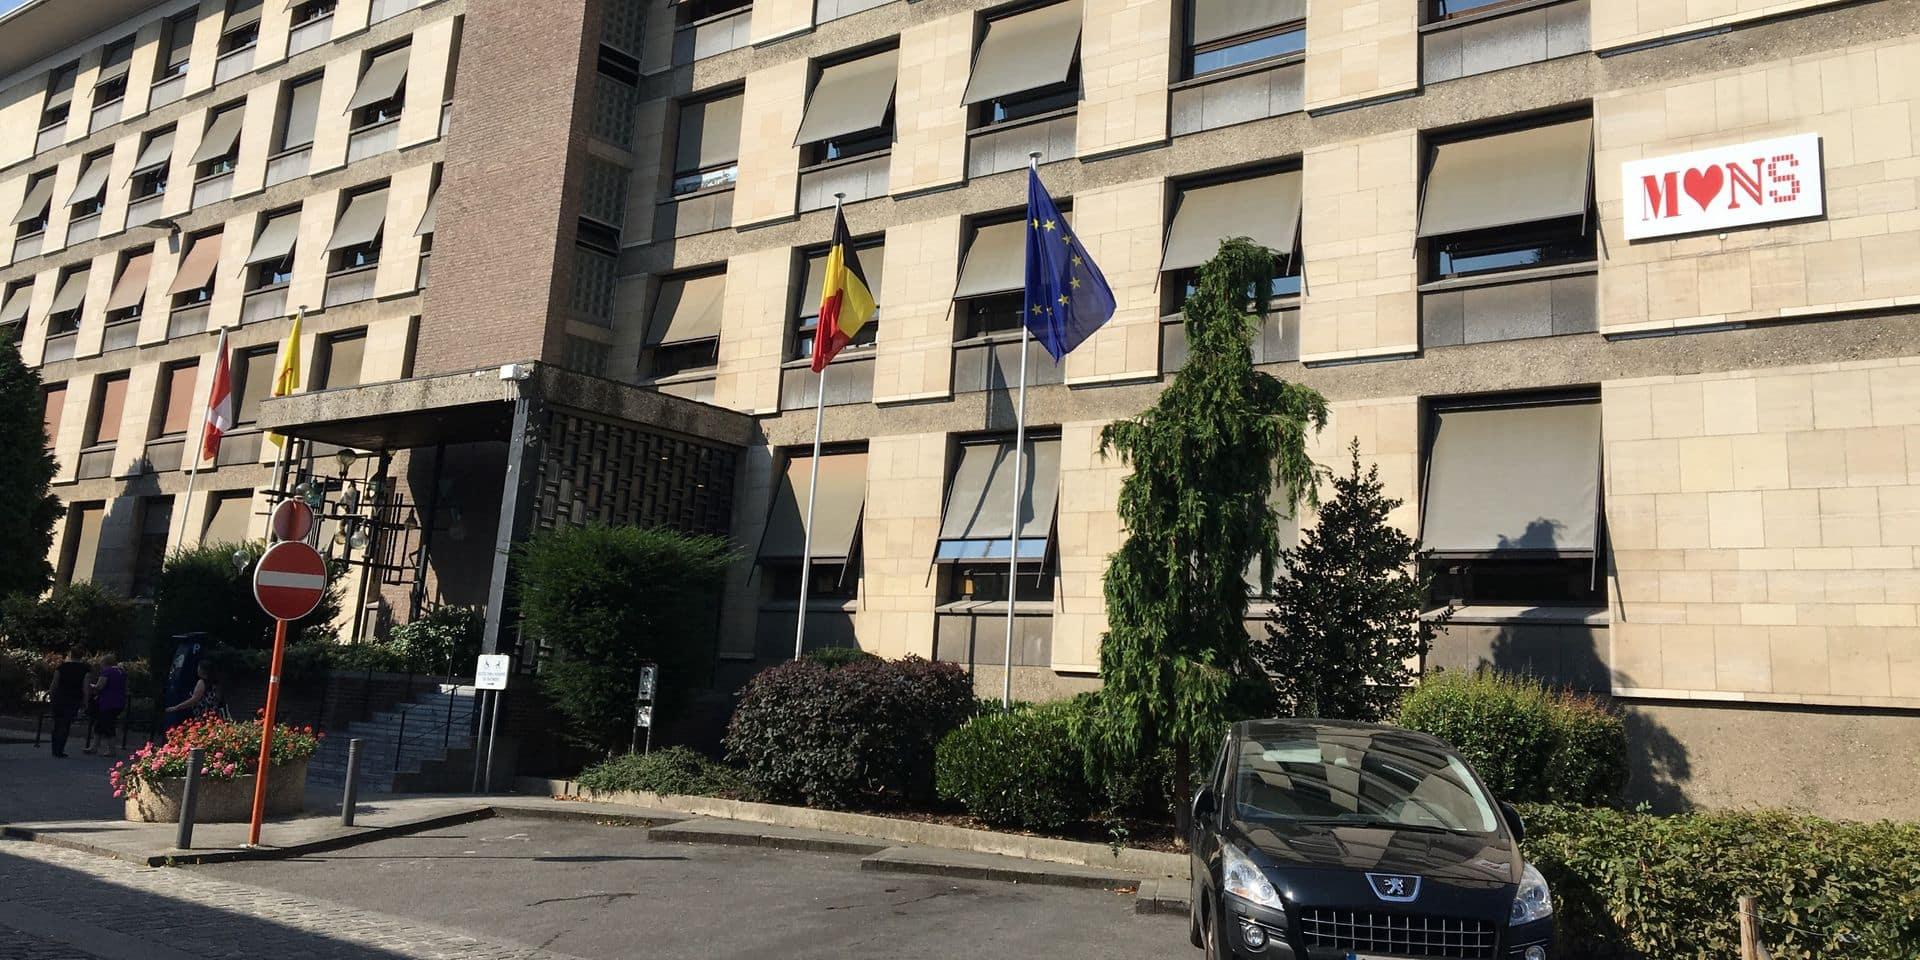 Affaire des faux titres de séjour à Mons : l'ancien chef de service écope de 12 mois avec sursis